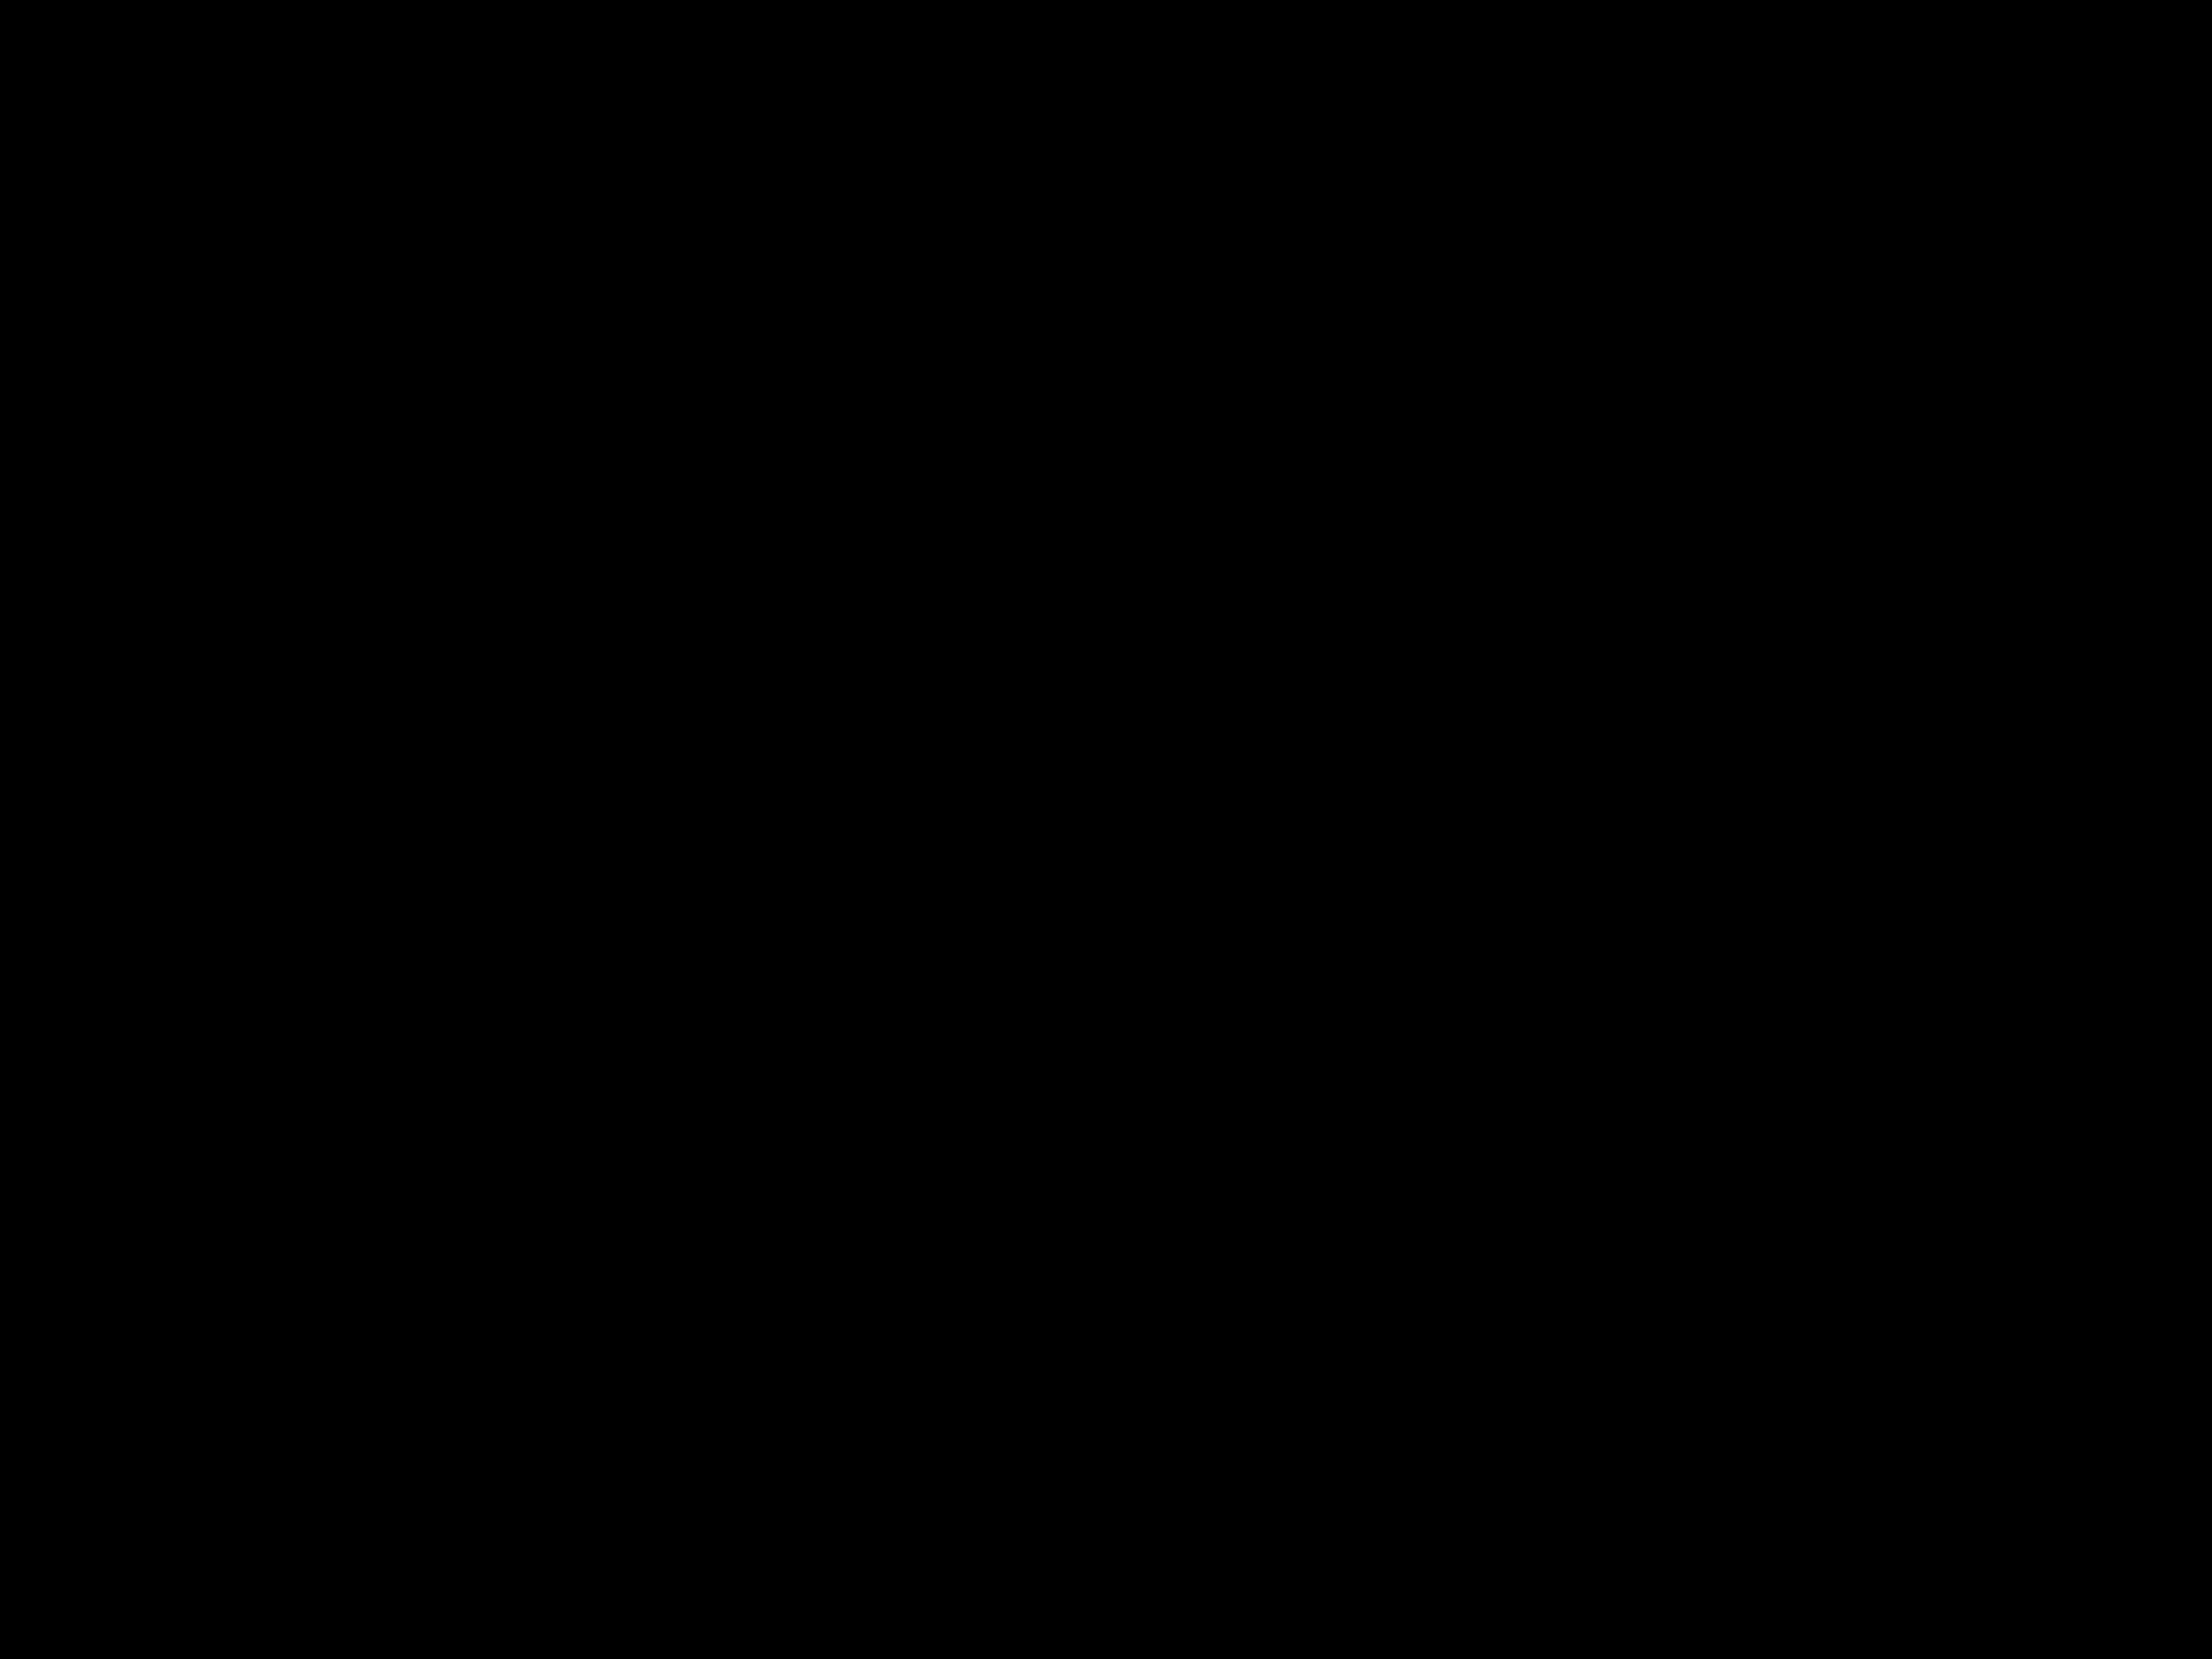 (c) Allchem.com.br